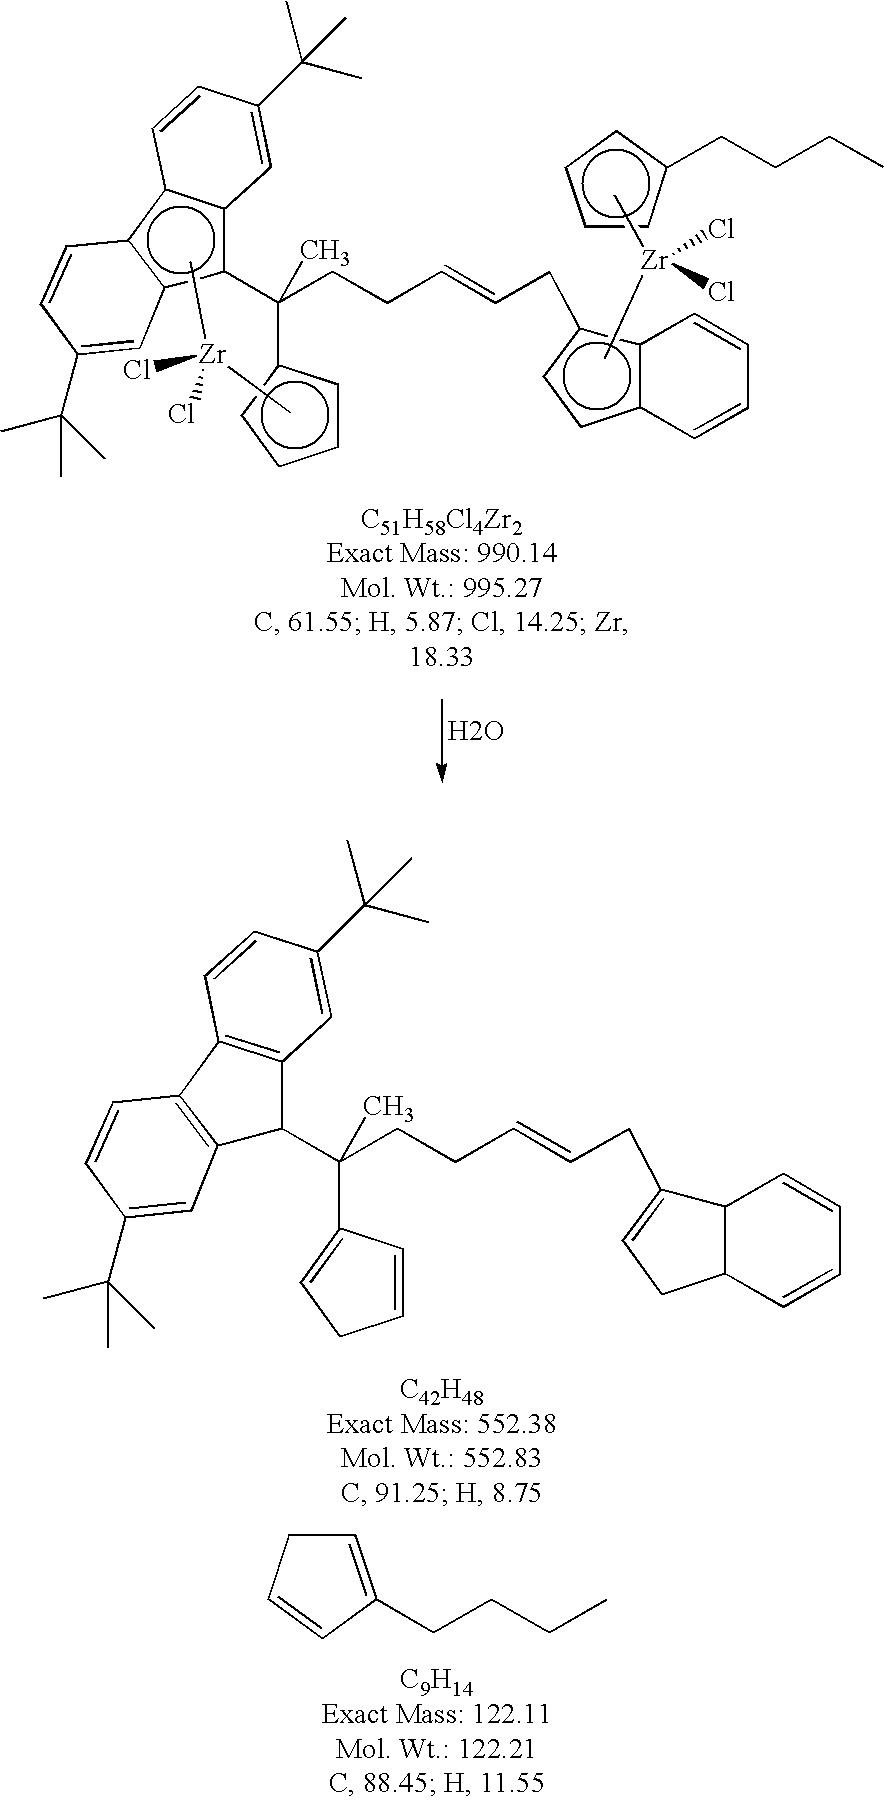 Figure US20100324236A1-20101223-C00019